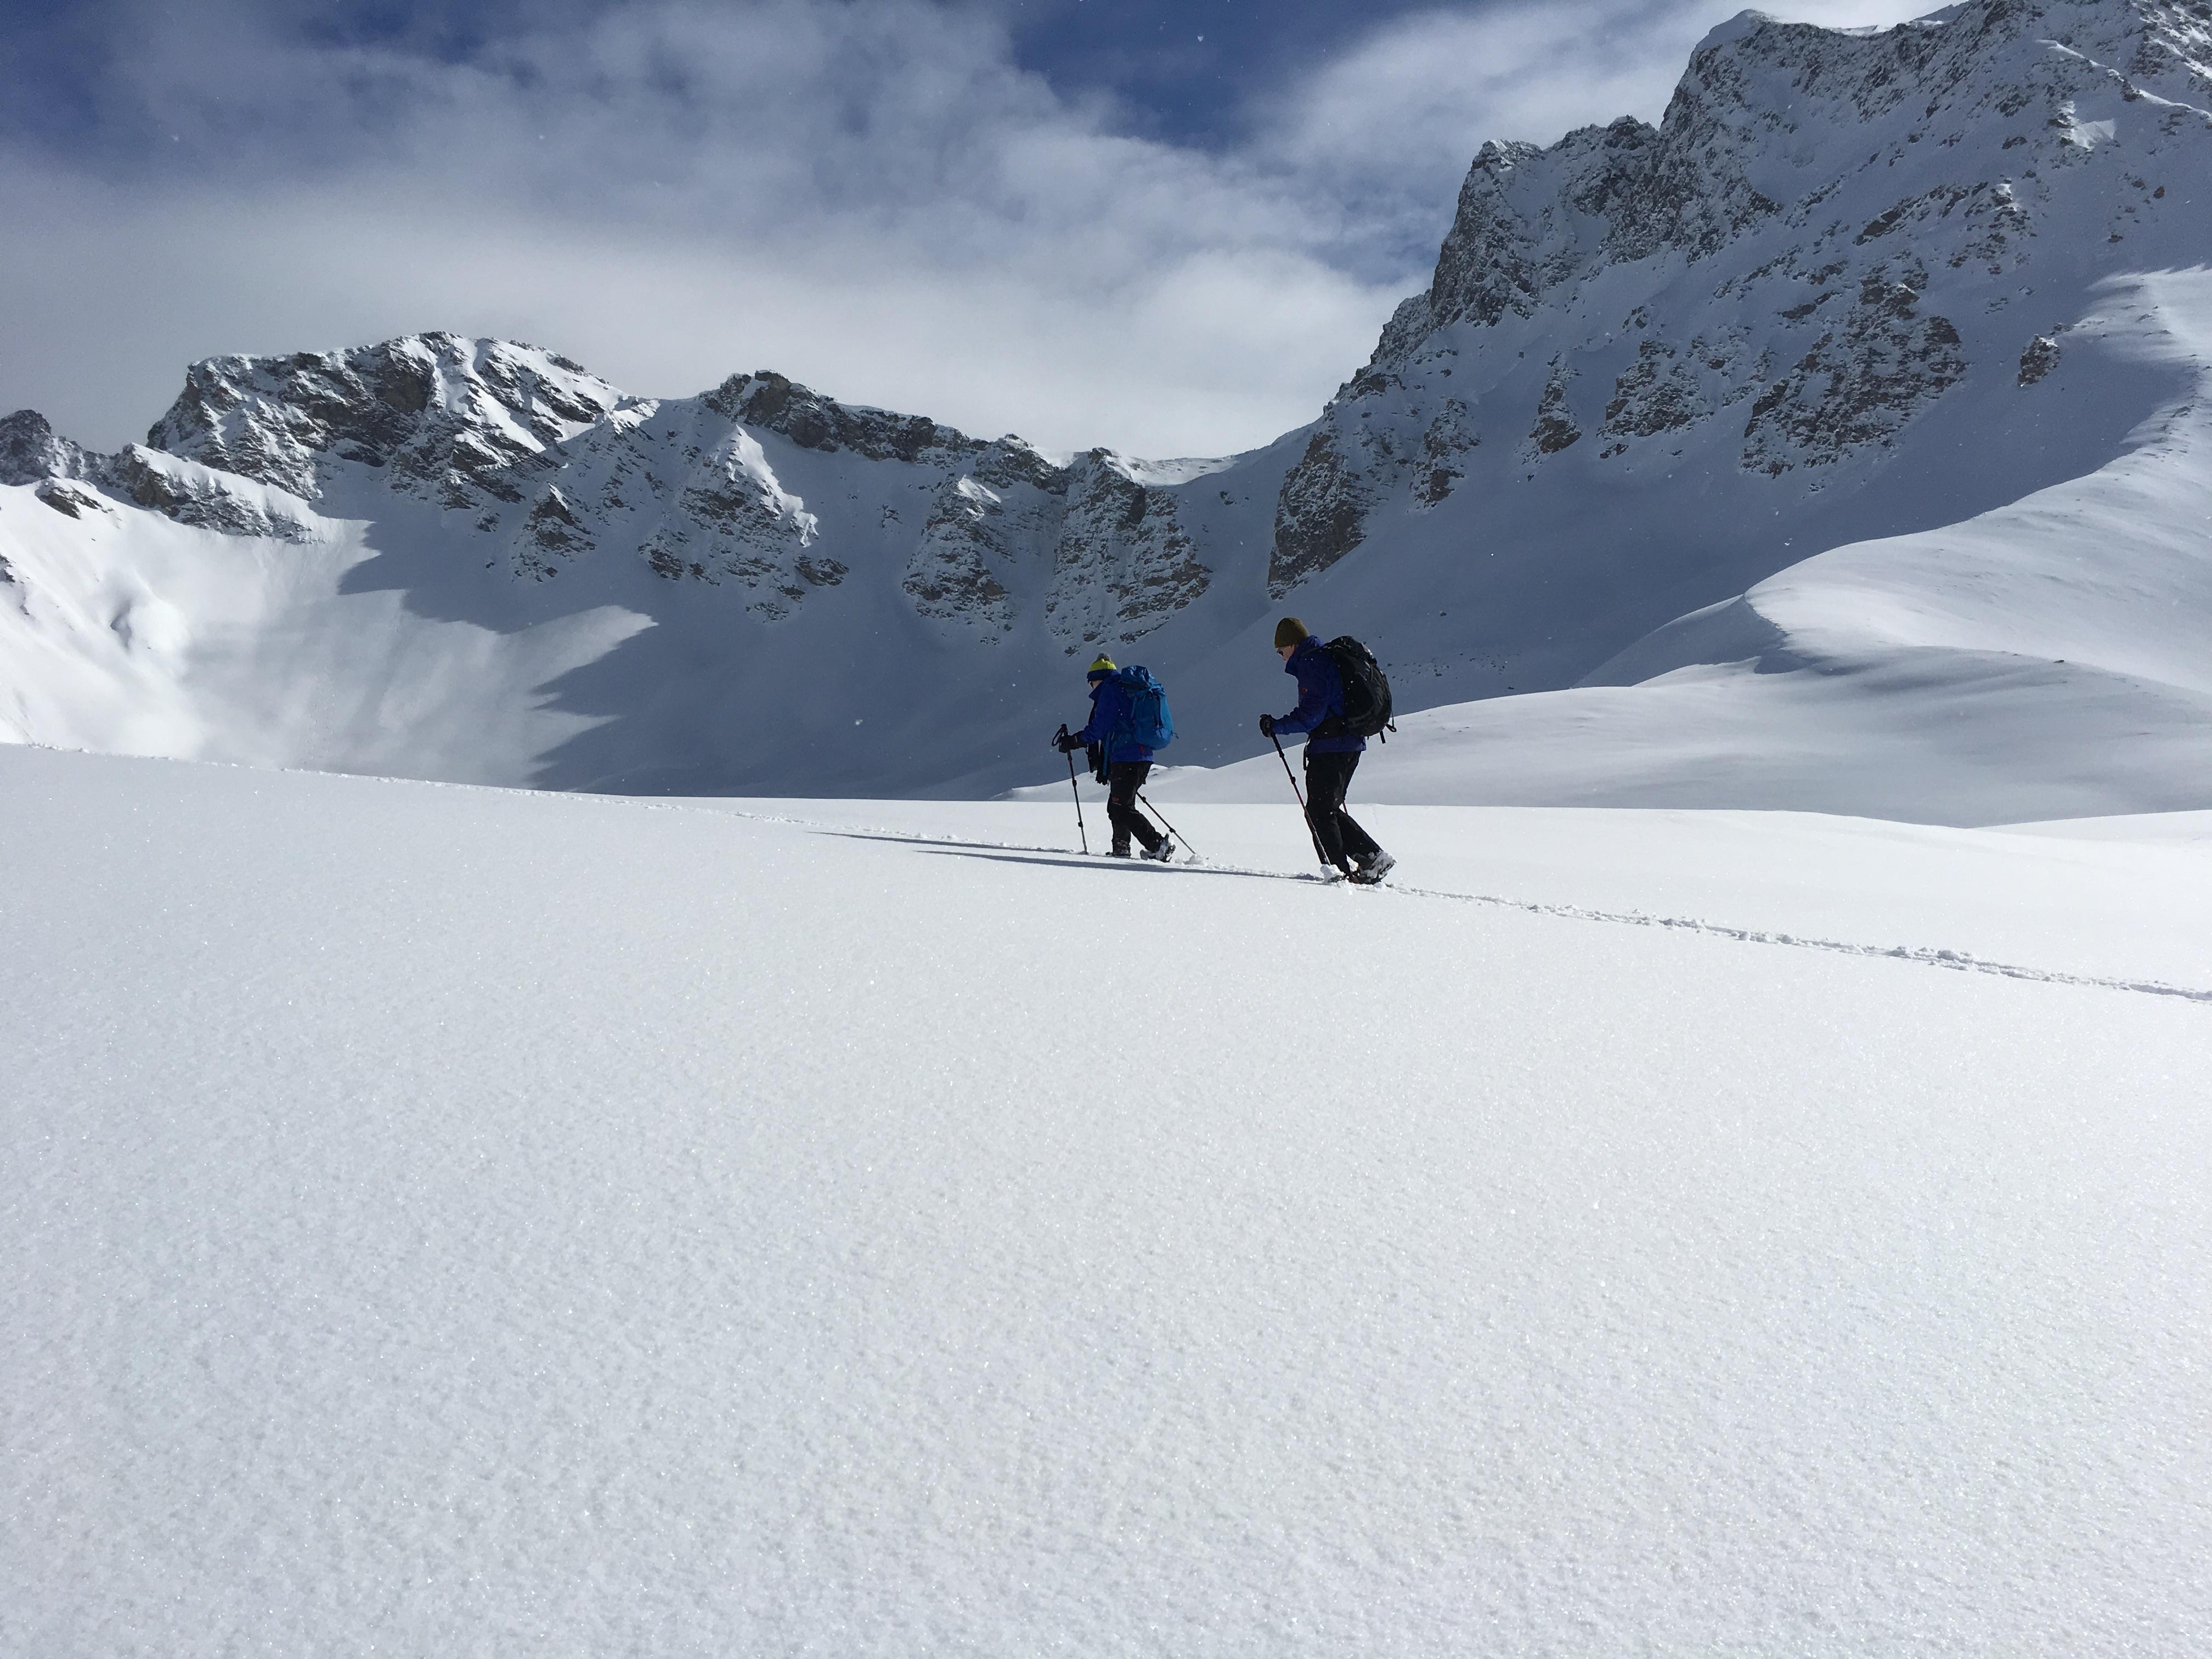 Bernina Trekking (Rudolf Wiesner, Schneeschuhwanderleiter mit Eidg. Fachausweis) Slide 5